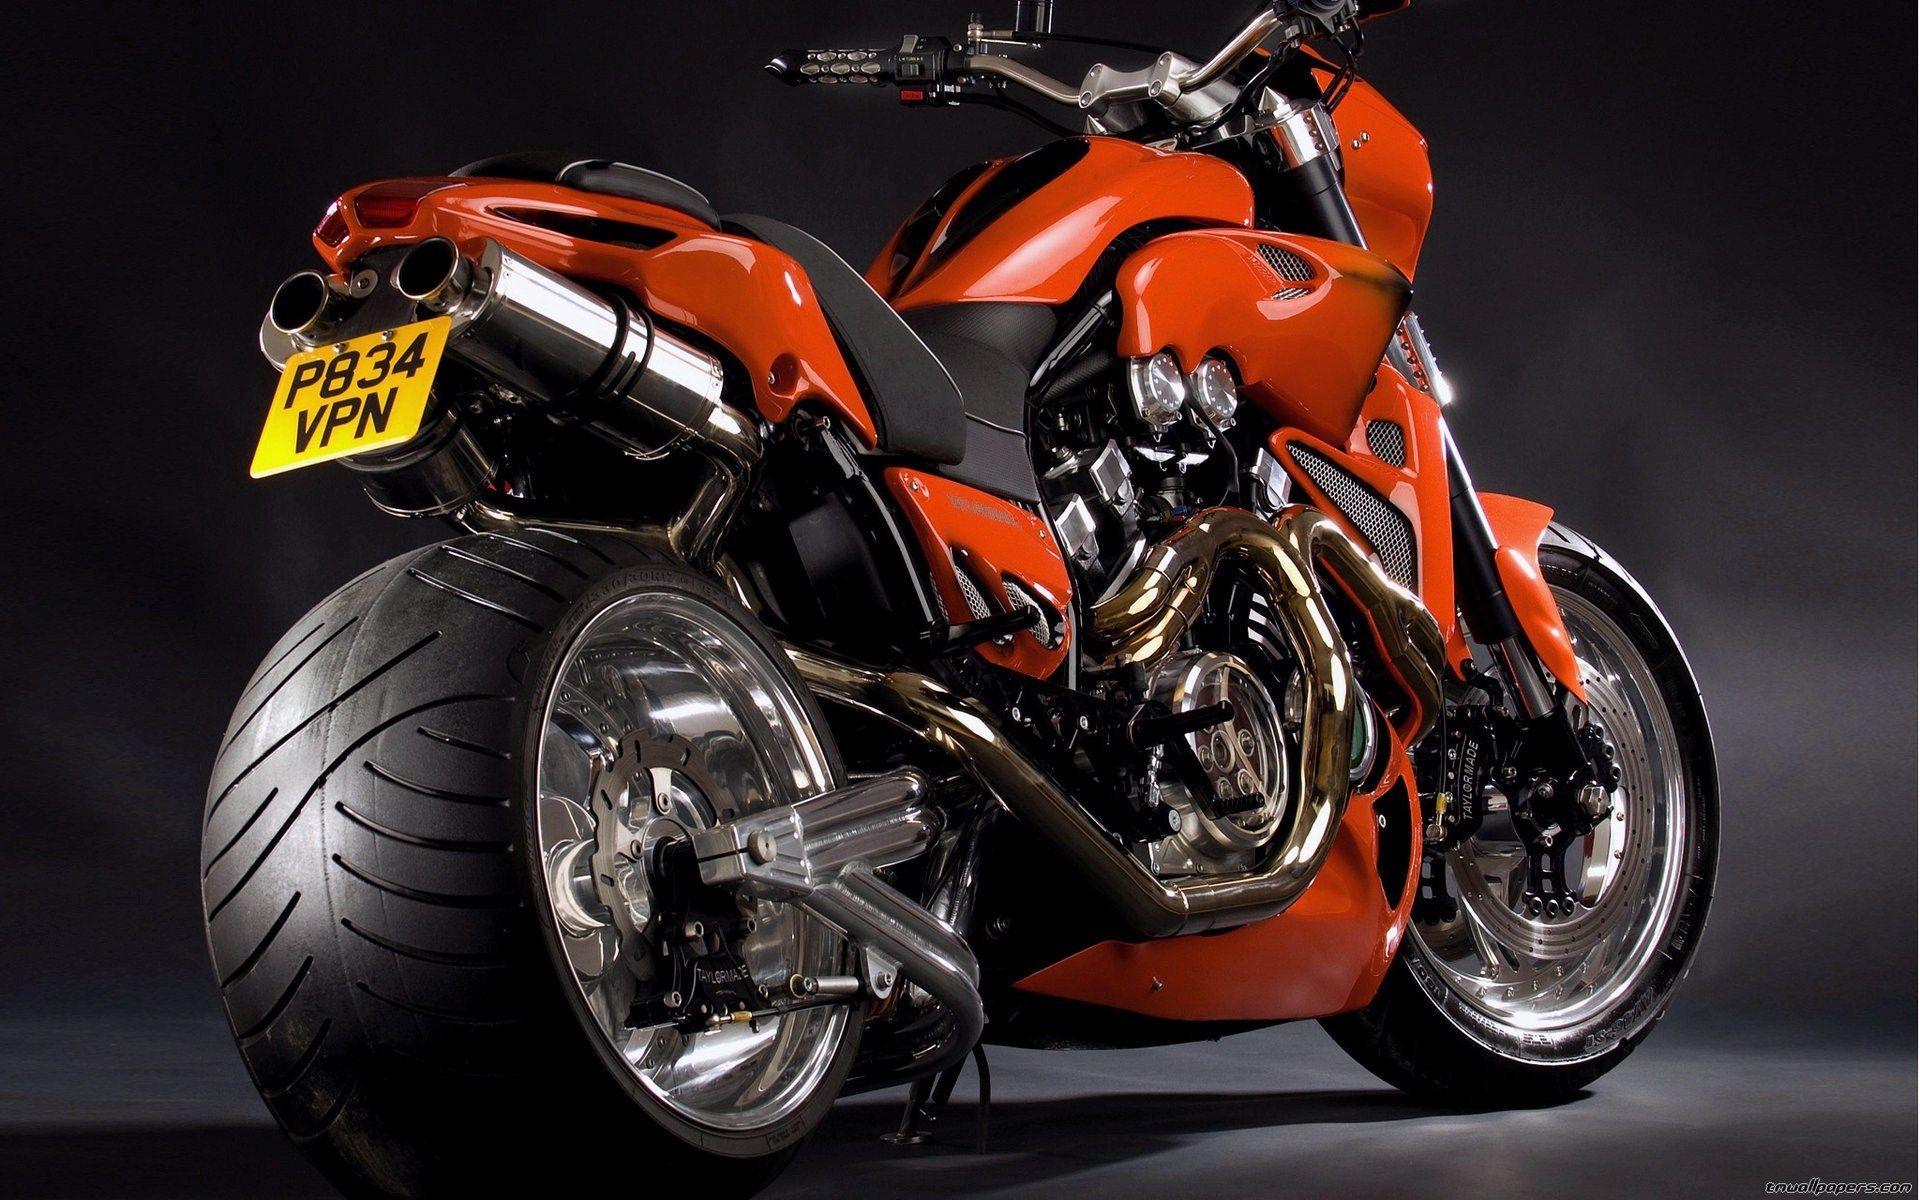 Harley-Davidson-Dark-Custom | Bikes | Pinterest | Harley davidson ...